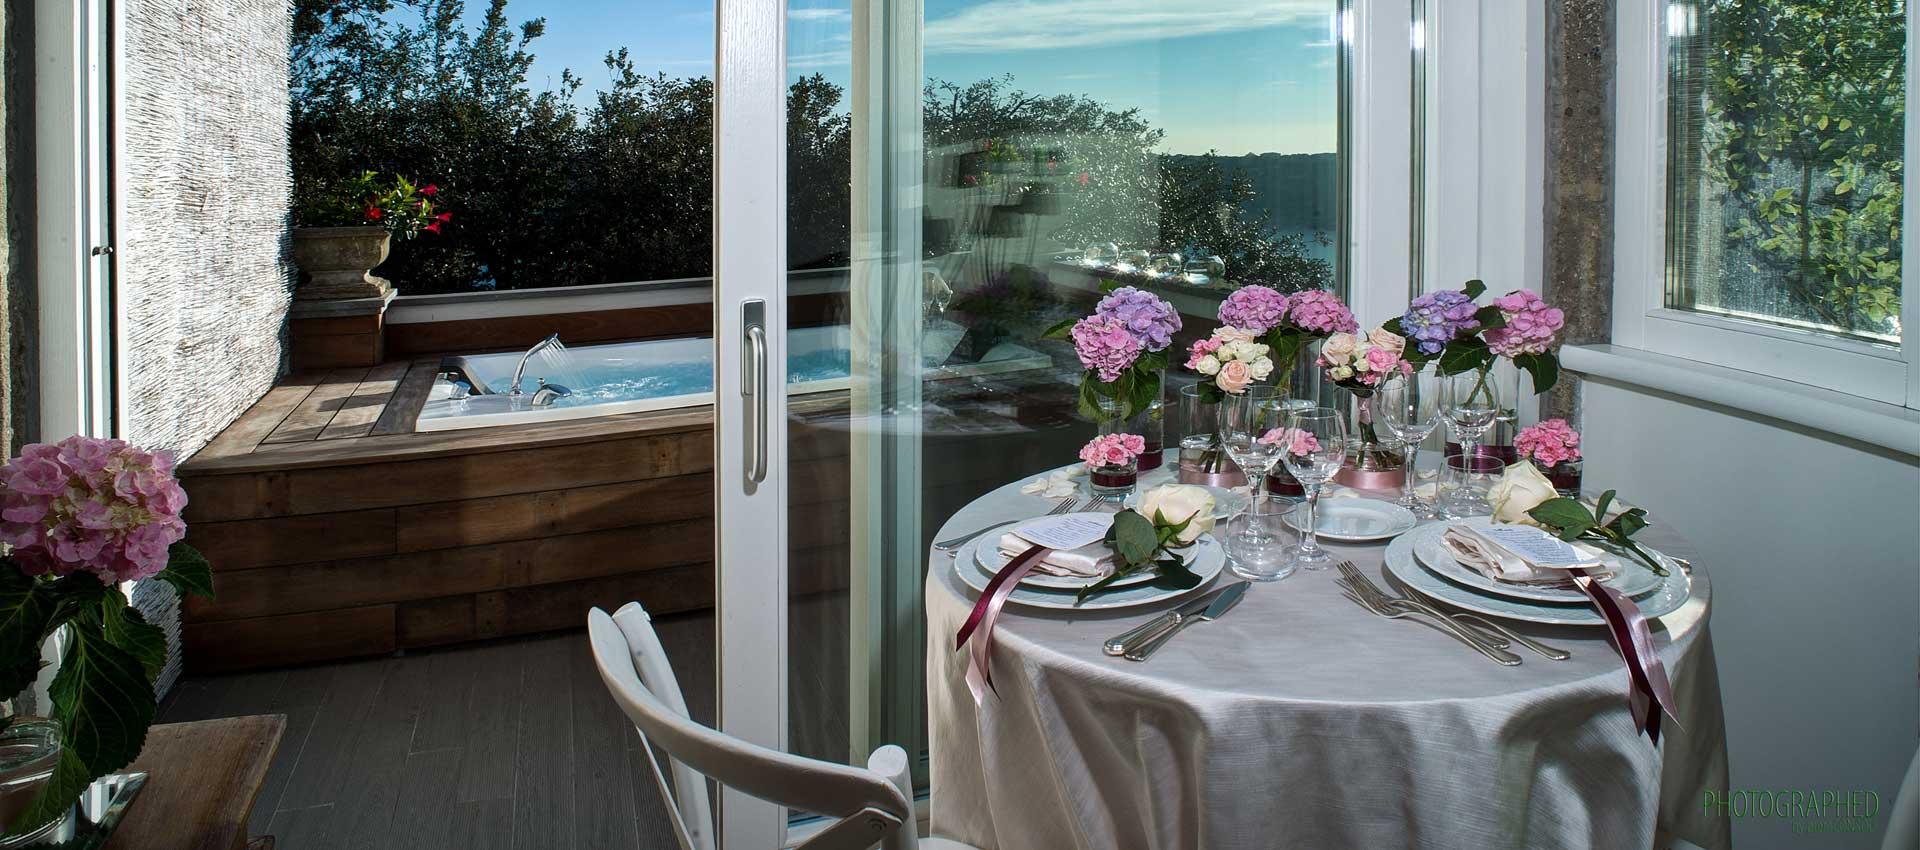 un sogno per due jacuzzi tavolo cena romantica